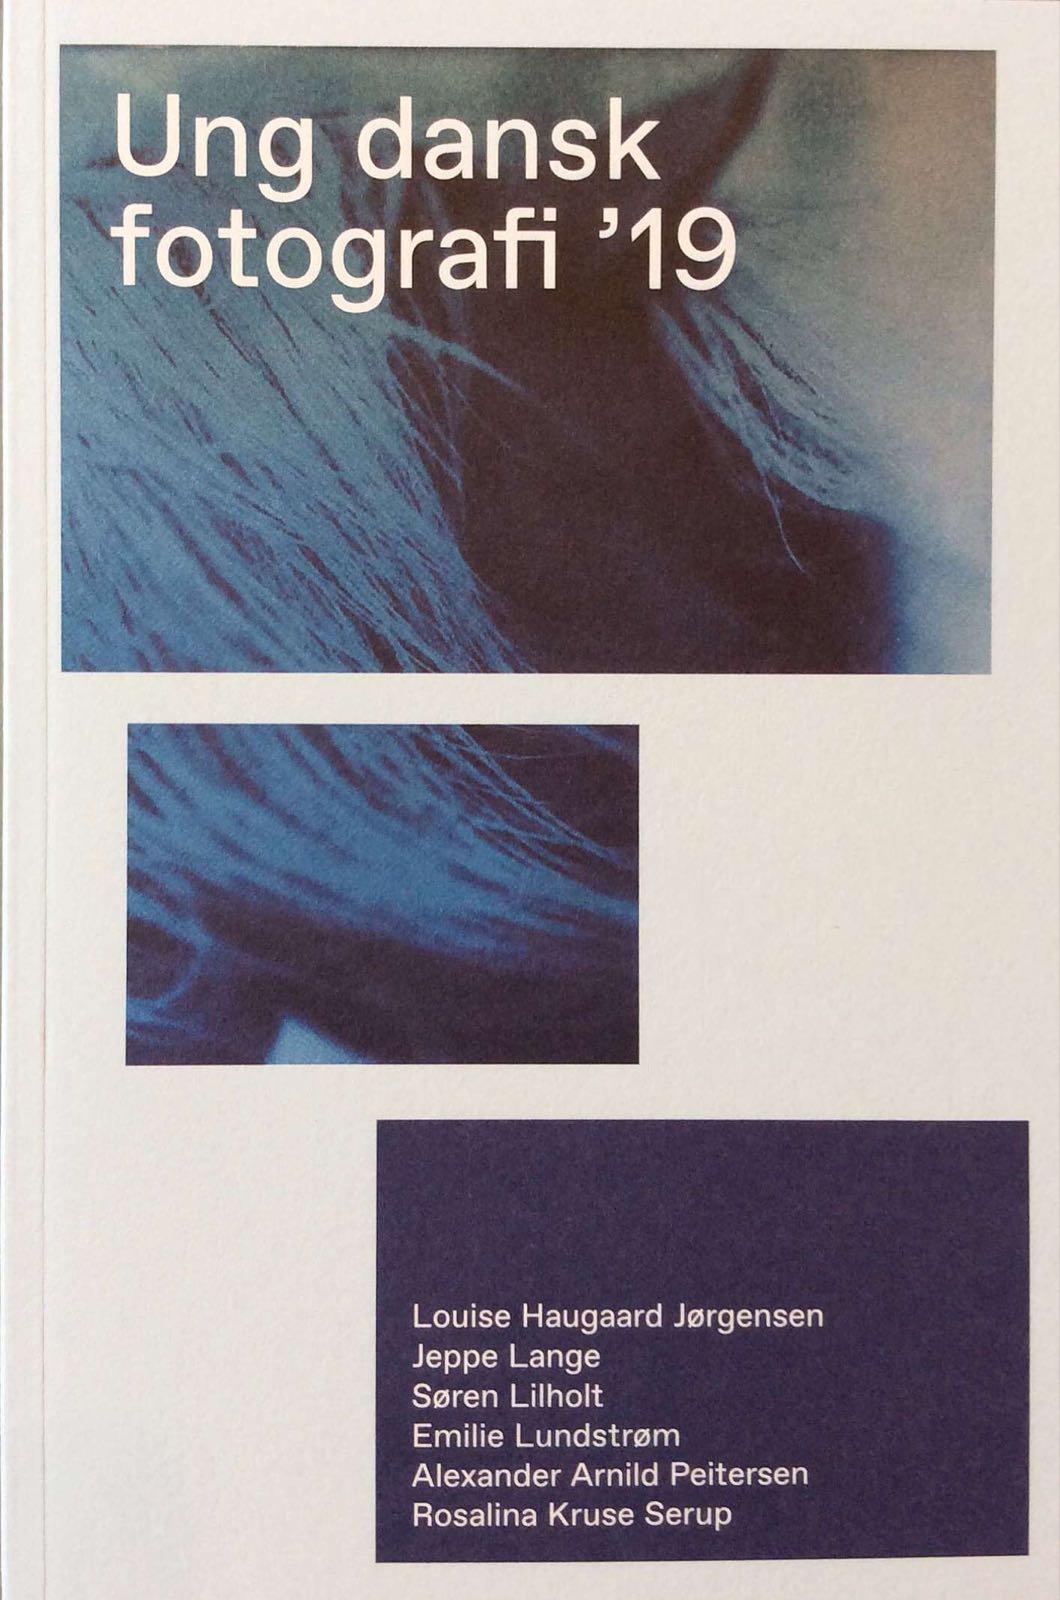 Ung Dansk Fotografi '19